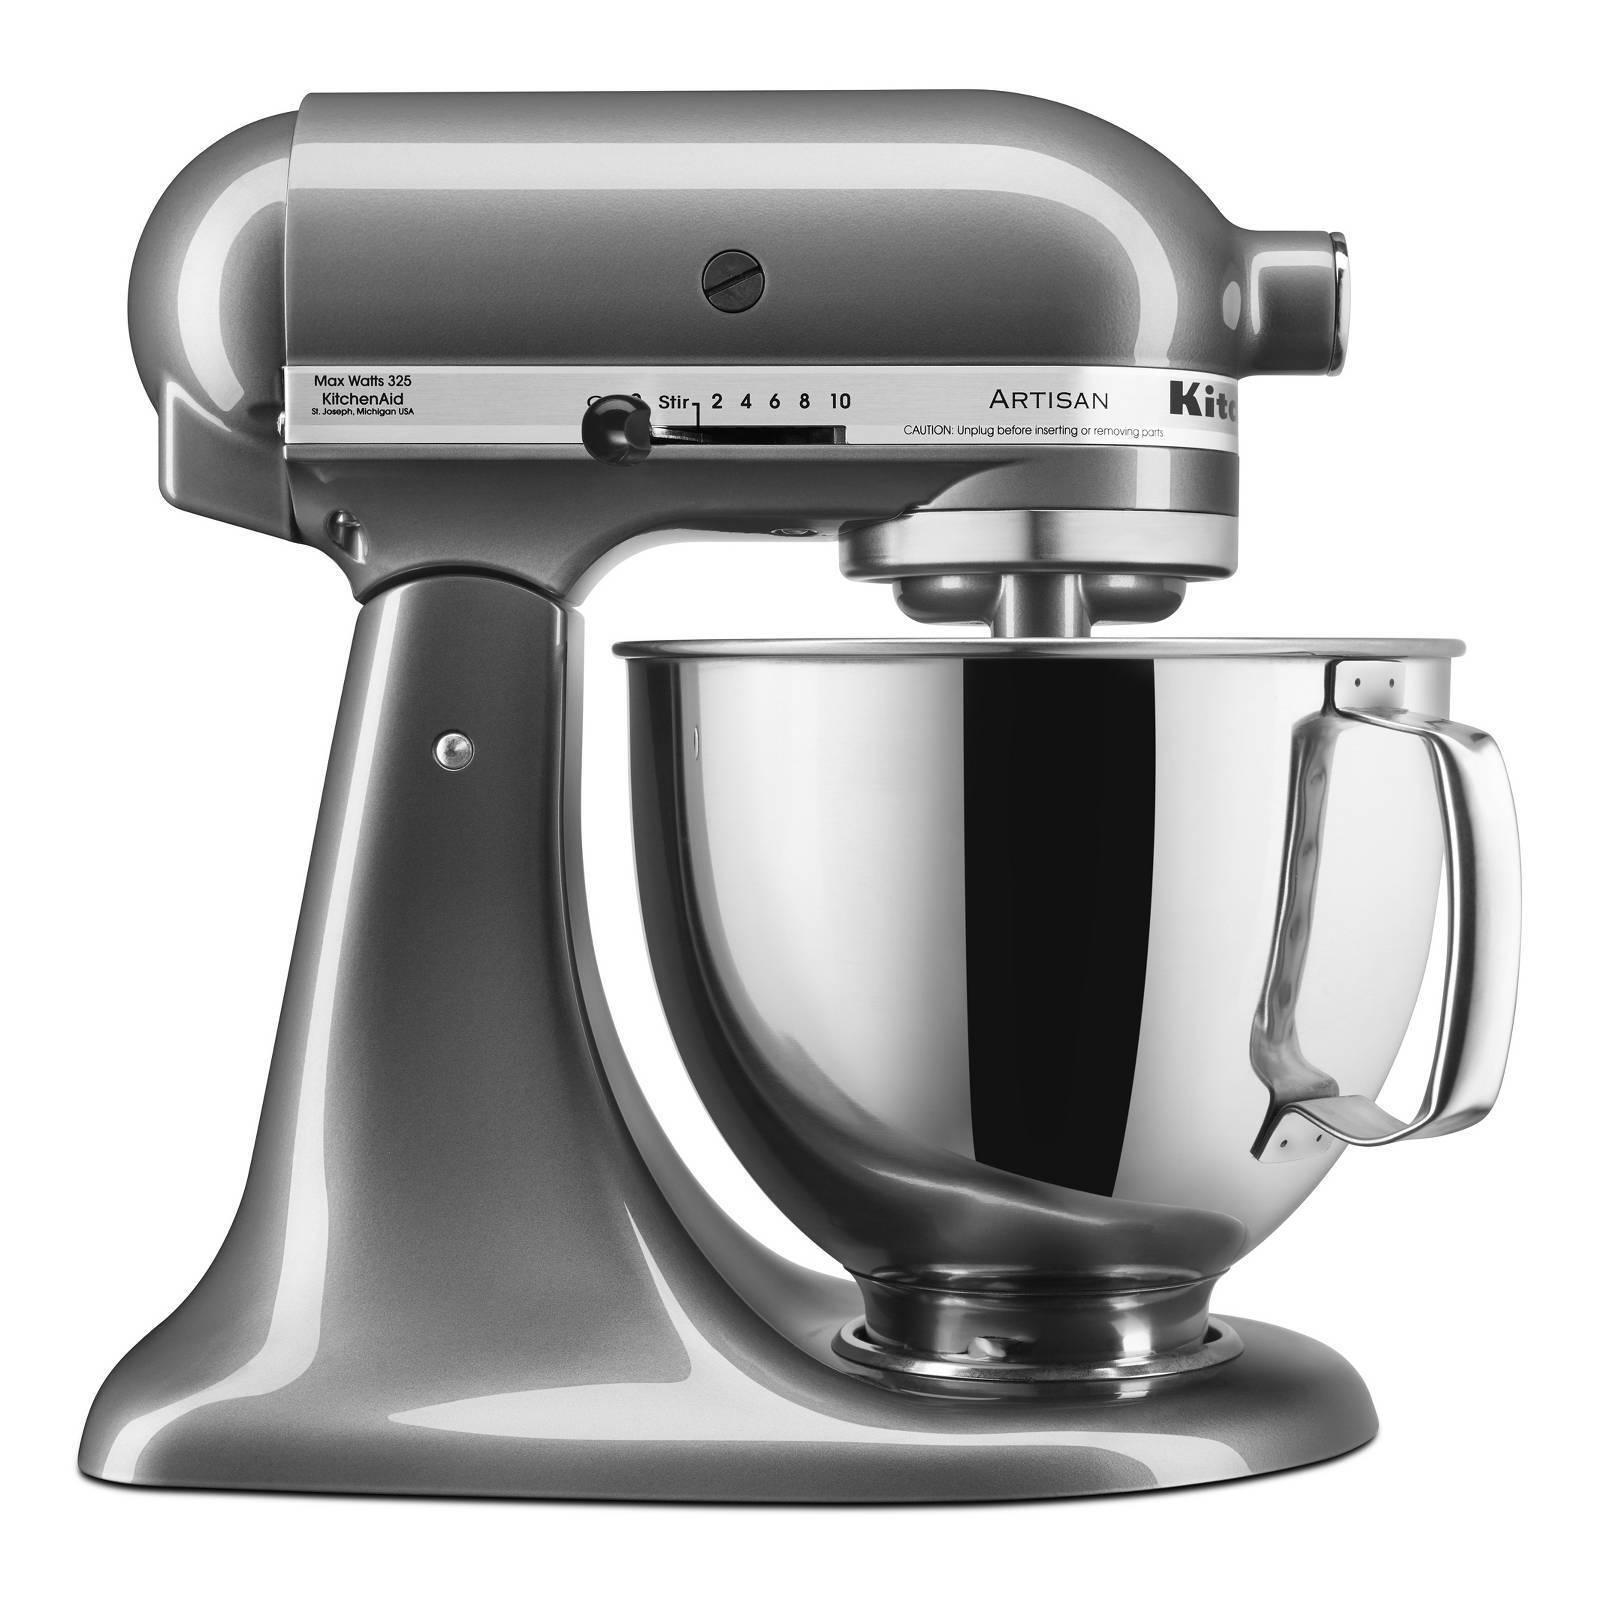 Kitchenaid Series 5qt Tilt Head Stand Mixer Silver Ksm150pssm